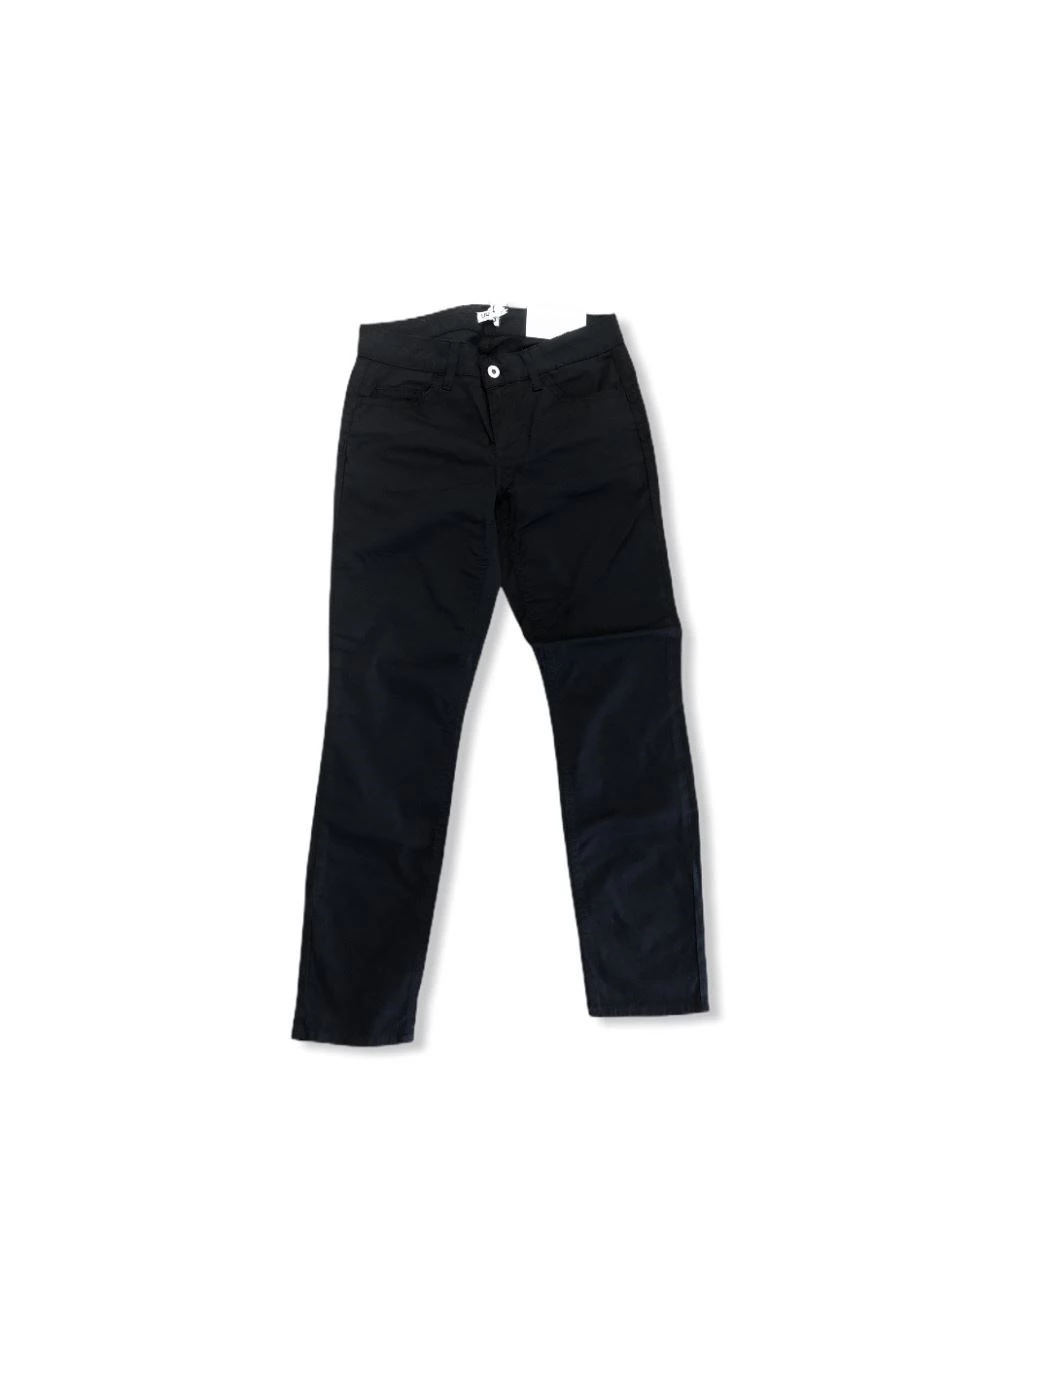 LIU JO Pantalone in tessuto stretch FA0203T4140